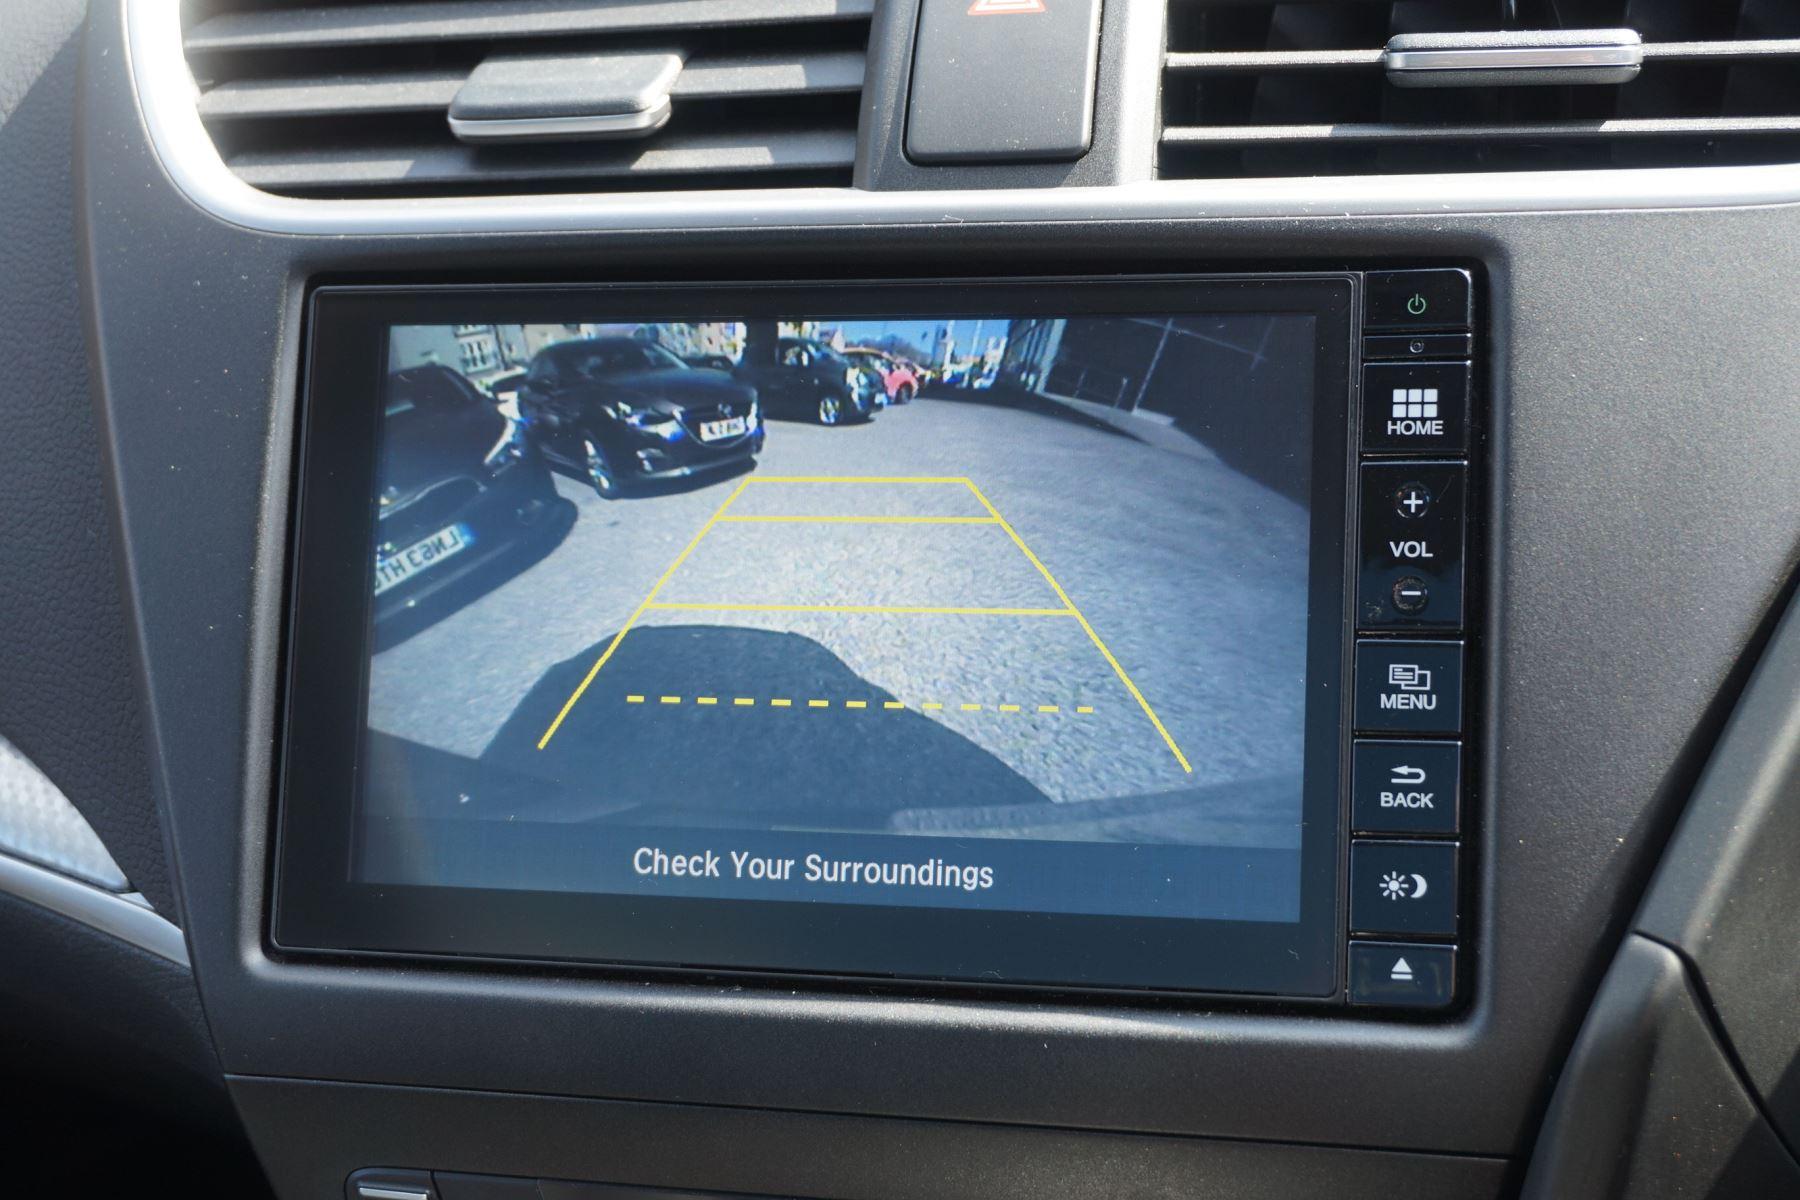 Honda Civic 1.6 i-DTEC SR 5dr image 21